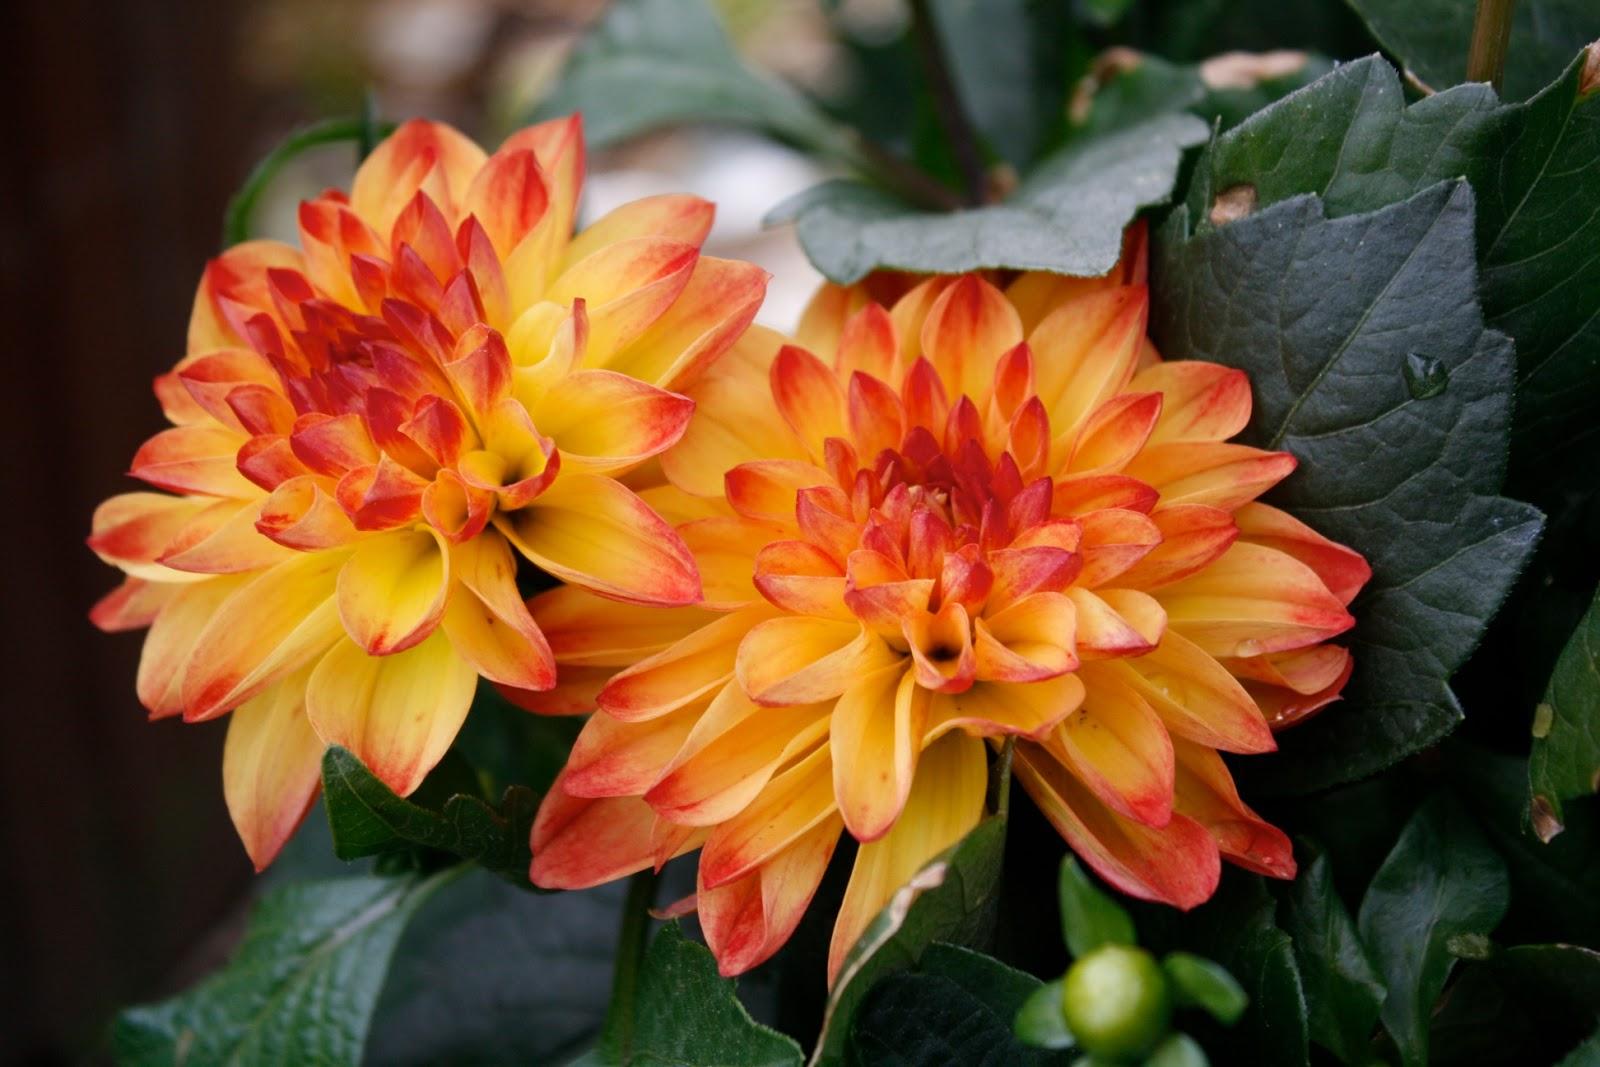 October birth flower robertottni october birth flower izmirmasajfo Gallery